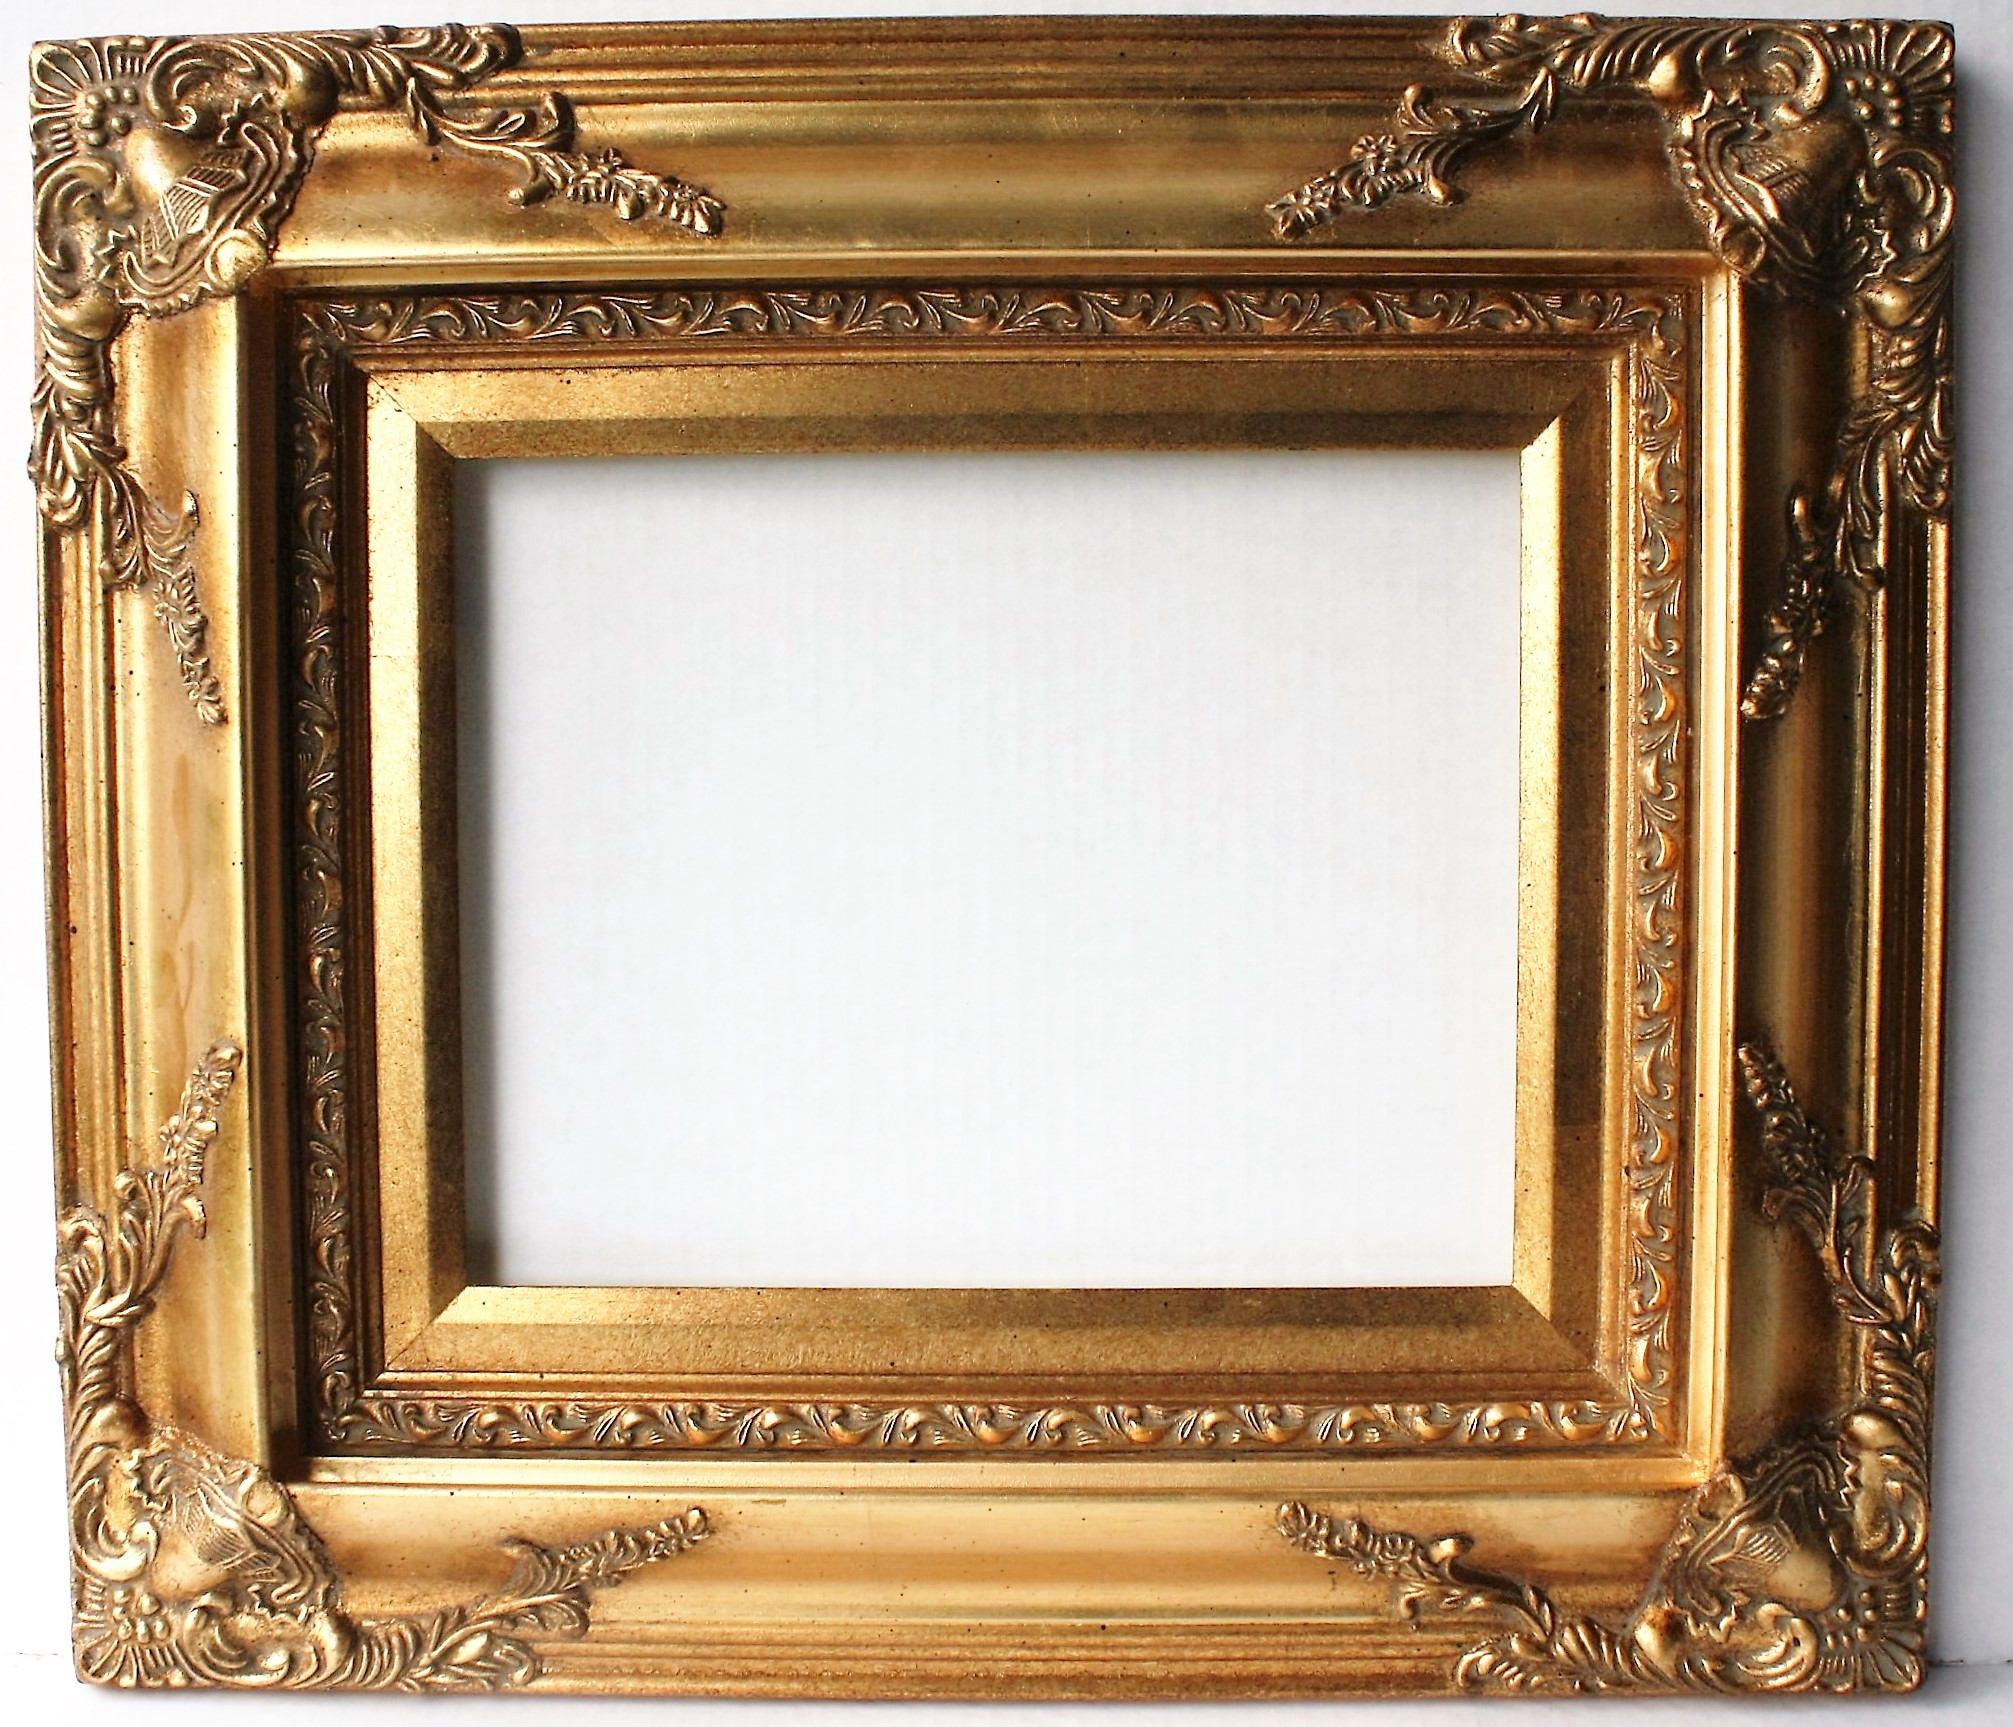 Large Digital Photo Frame Amazoncom